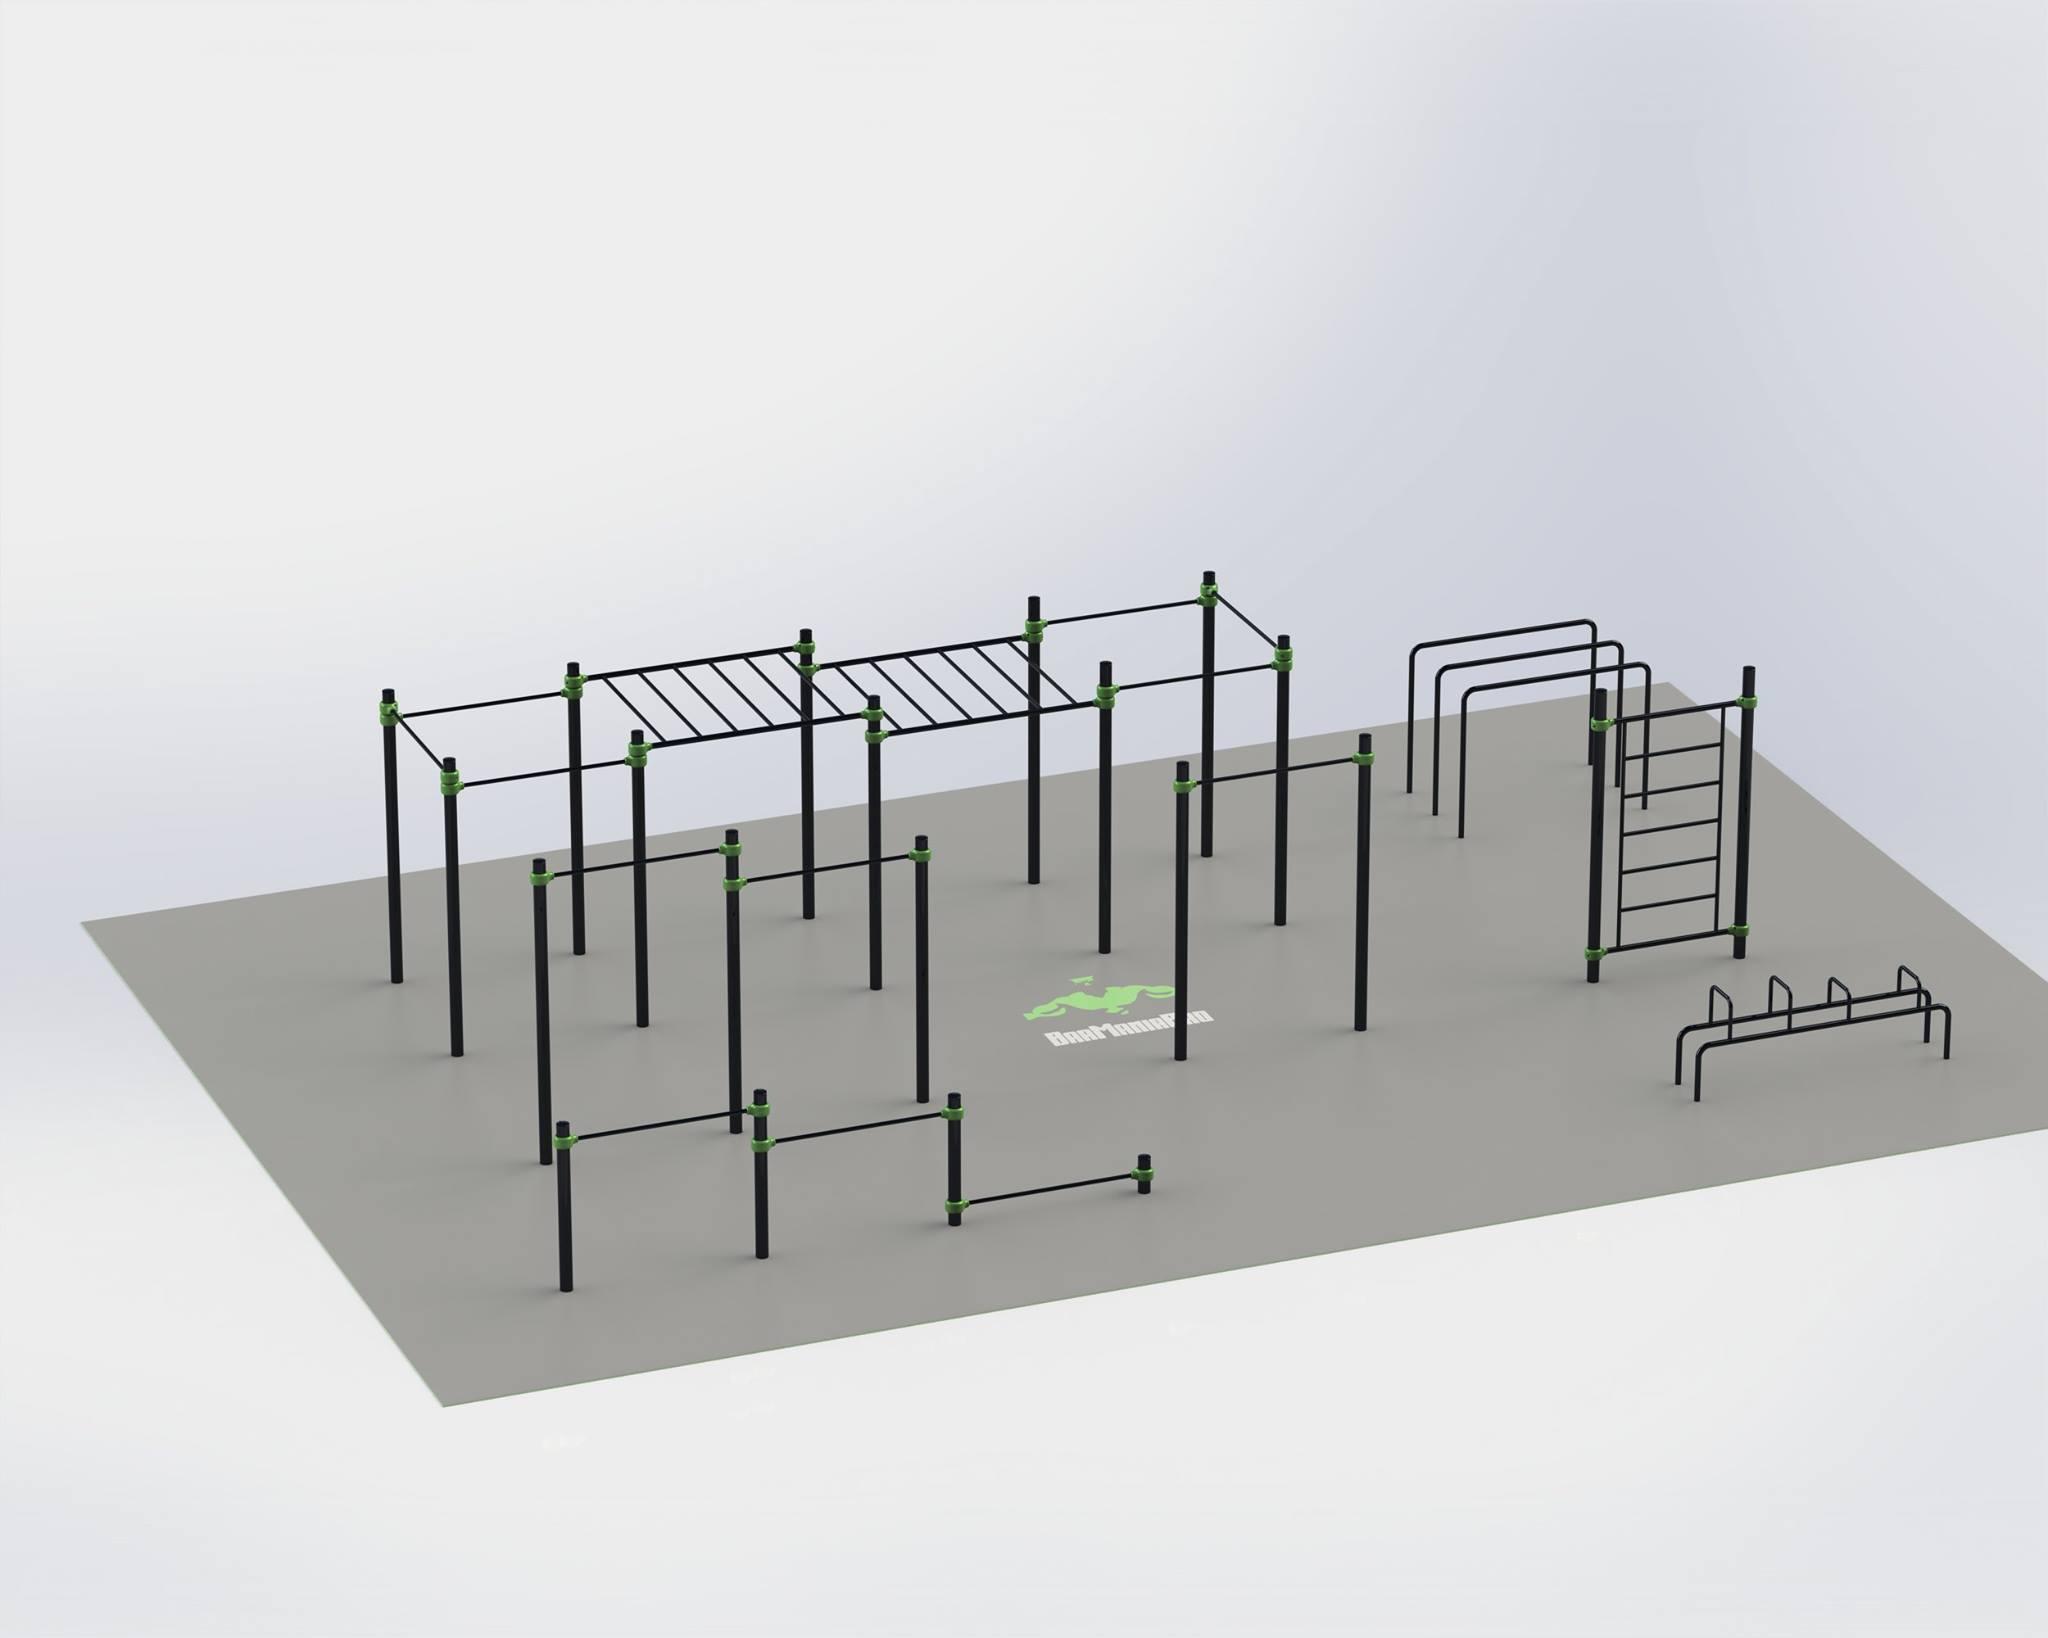 inauguration du parc de street workout barmaniapro sainte genevi ve des bois le calisth nics. Black Bedroom Furniture Sets. Home Design Ideas